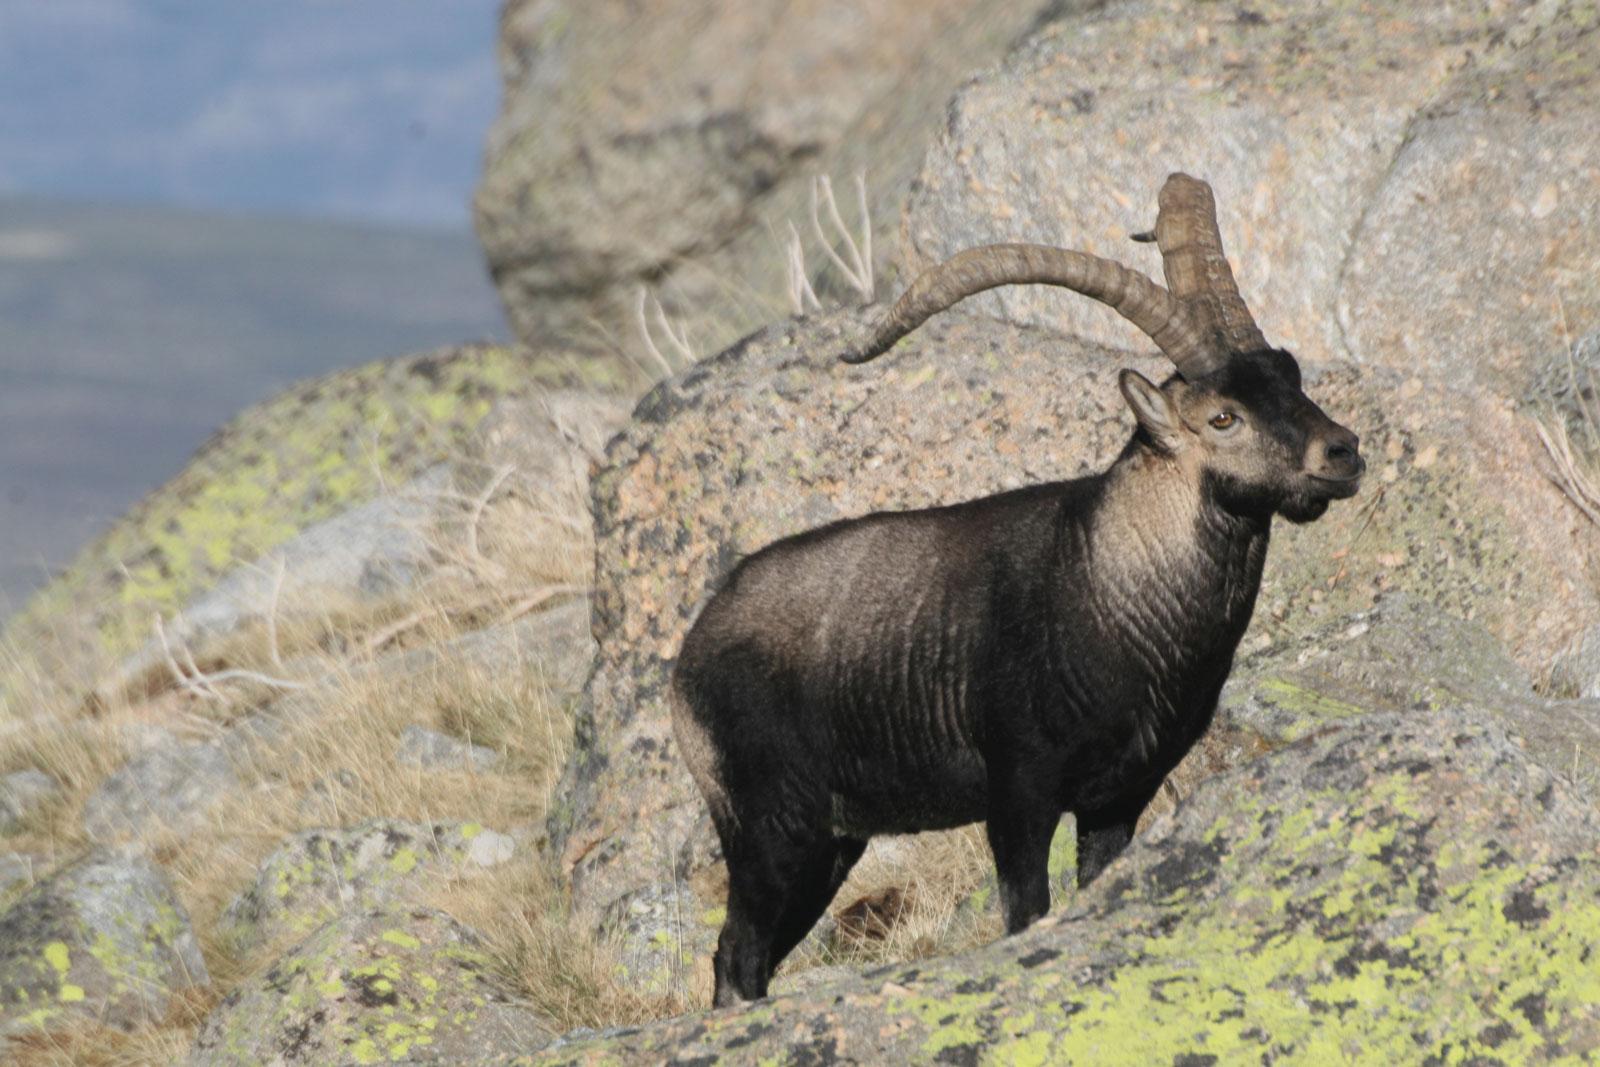 Manzanares el real naturewatch 2018 ecoturismo Sierra Guadarrama